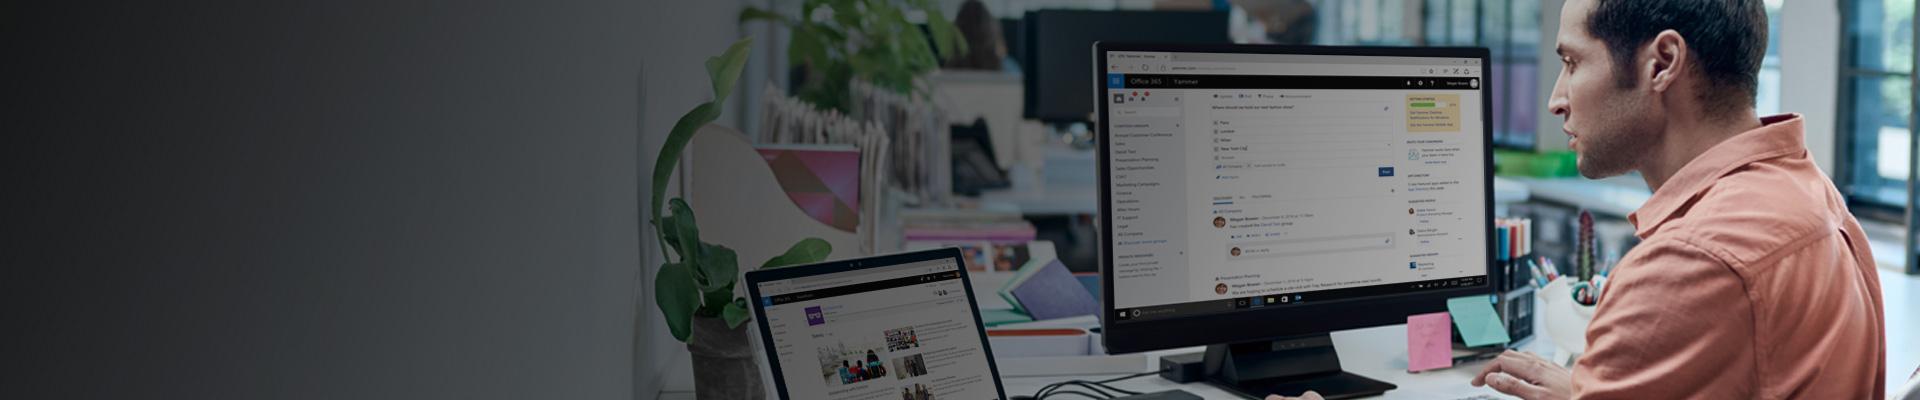 Um homem olhando para um monitor de desktop executando o SharePoint, com o Yammer em exibição no fundo em outra imagem de monitor